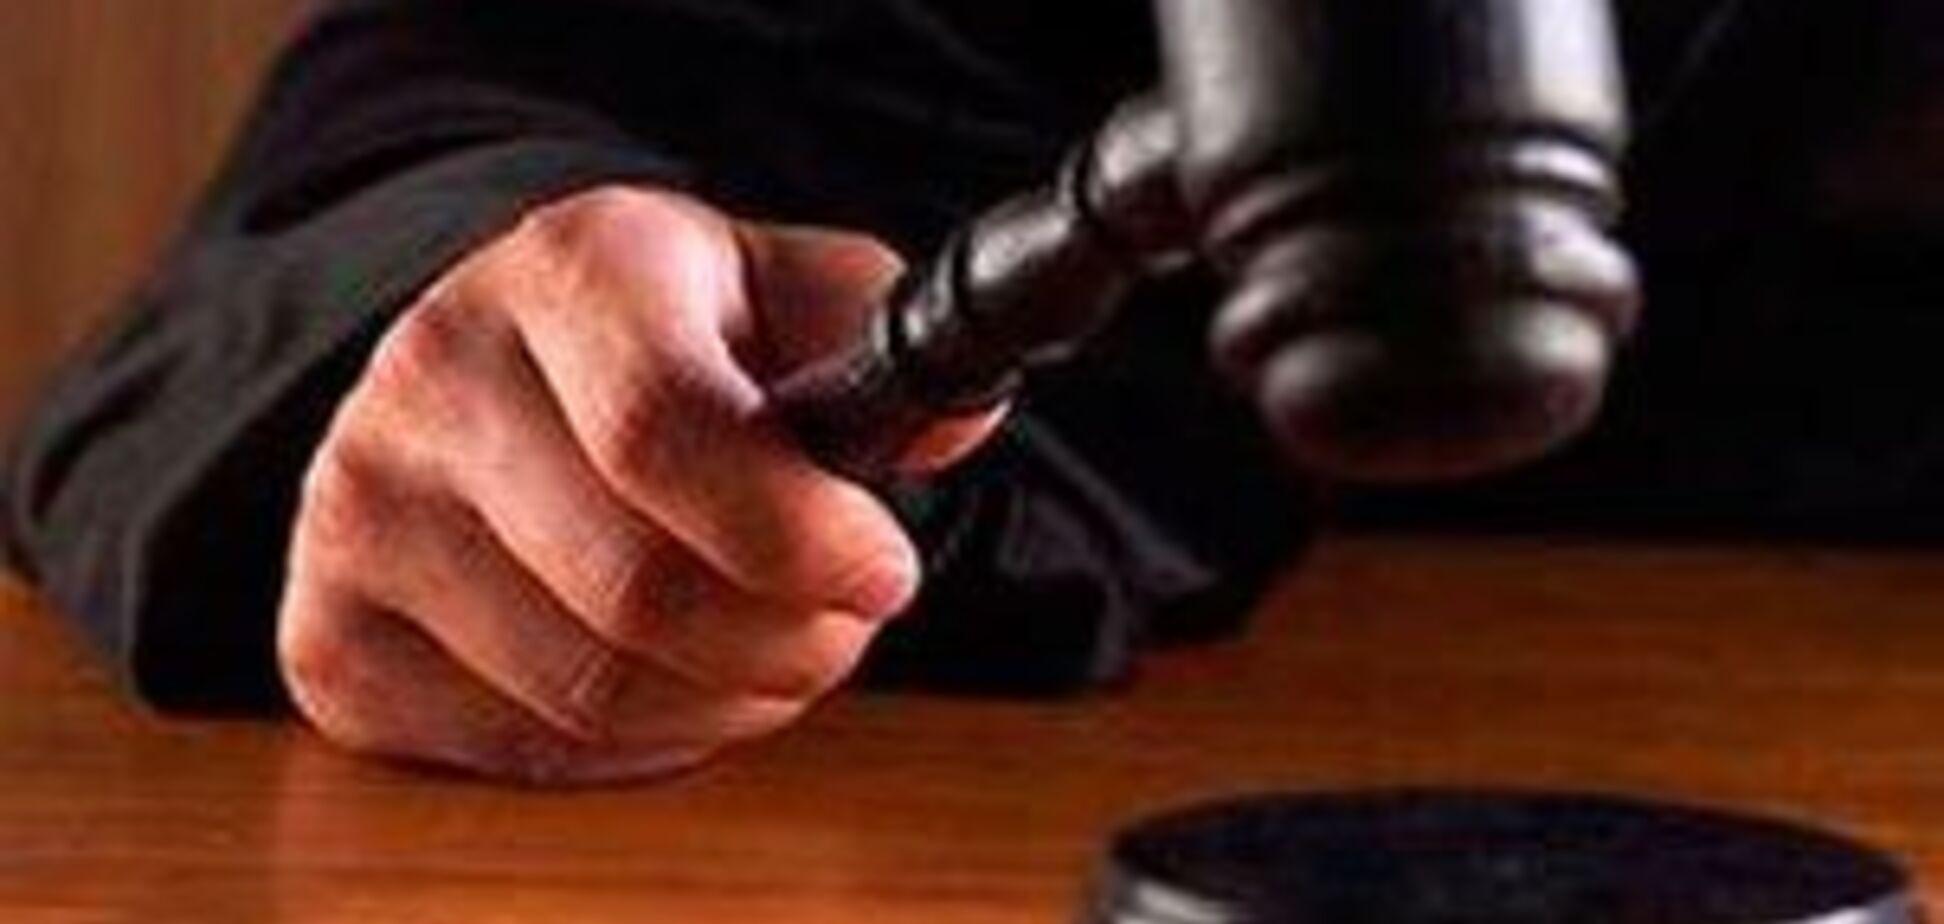 'Та замовкни ти, б***ь, і не гавкай!' У Росії суддя публічно вилаяв матом жінку